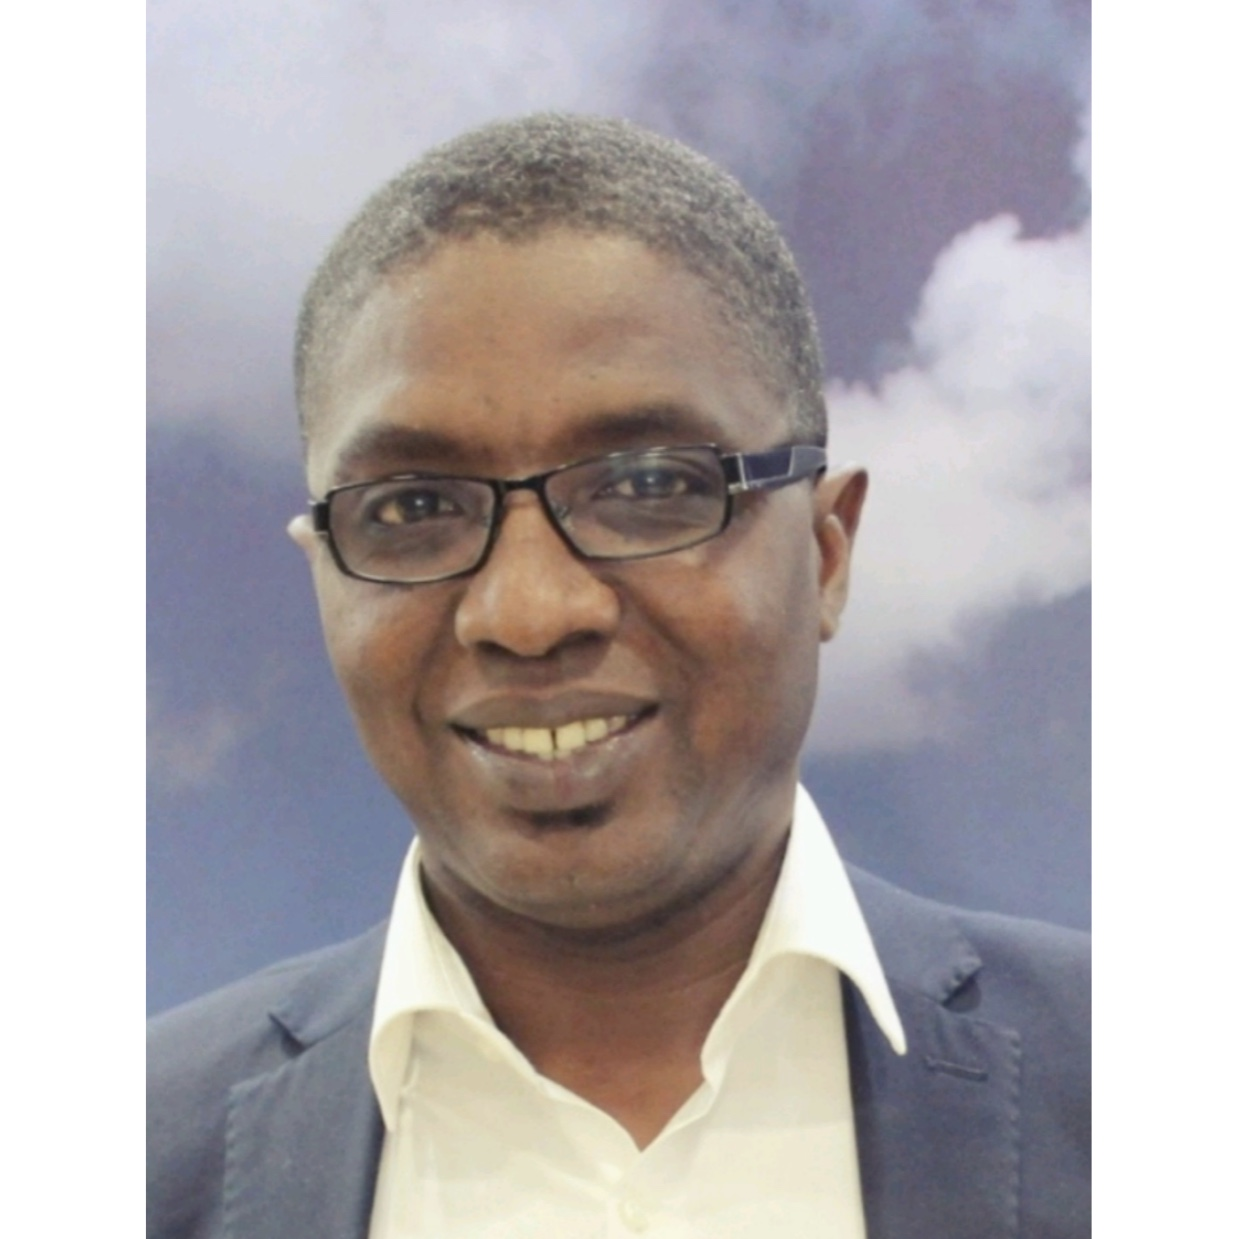 Le 24 Février 2019 : Un choix décisif pour le Sénégal